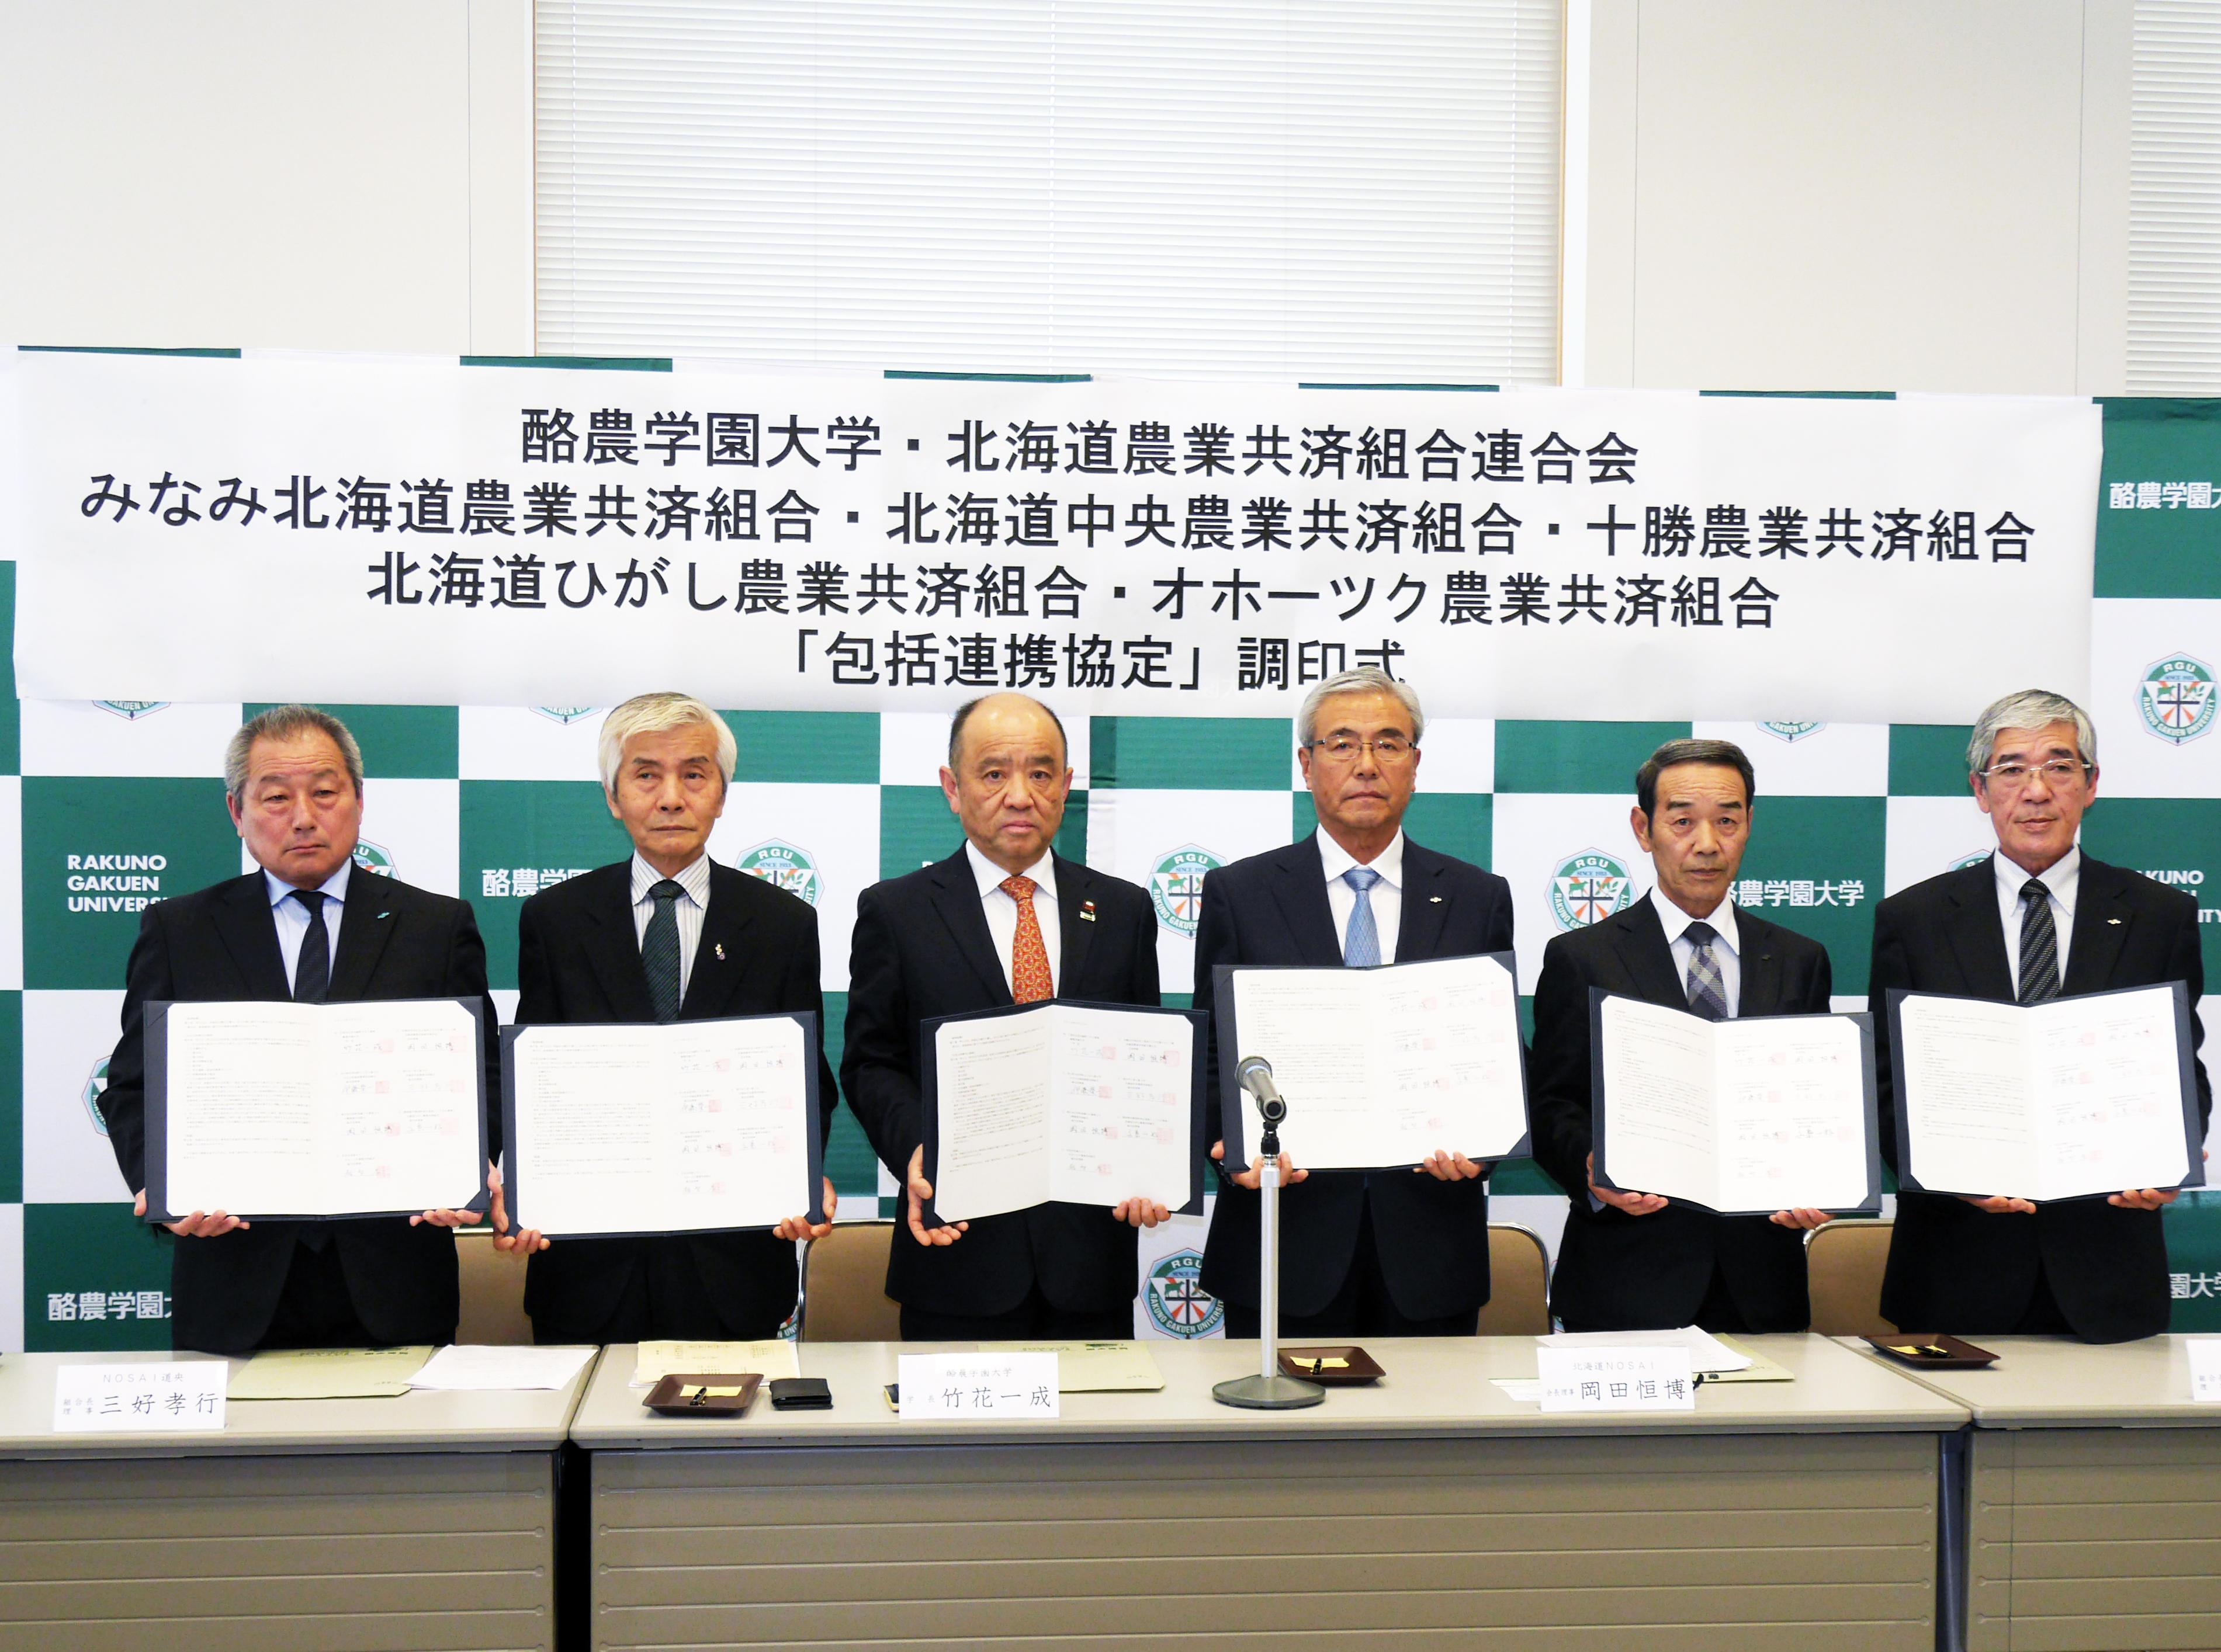 酪農学園大学が北海道農業共済組合連合会および道内5つの農業共済組合と包括連携協定を締結 -- 産業動物分野の発展や人材育成で協力